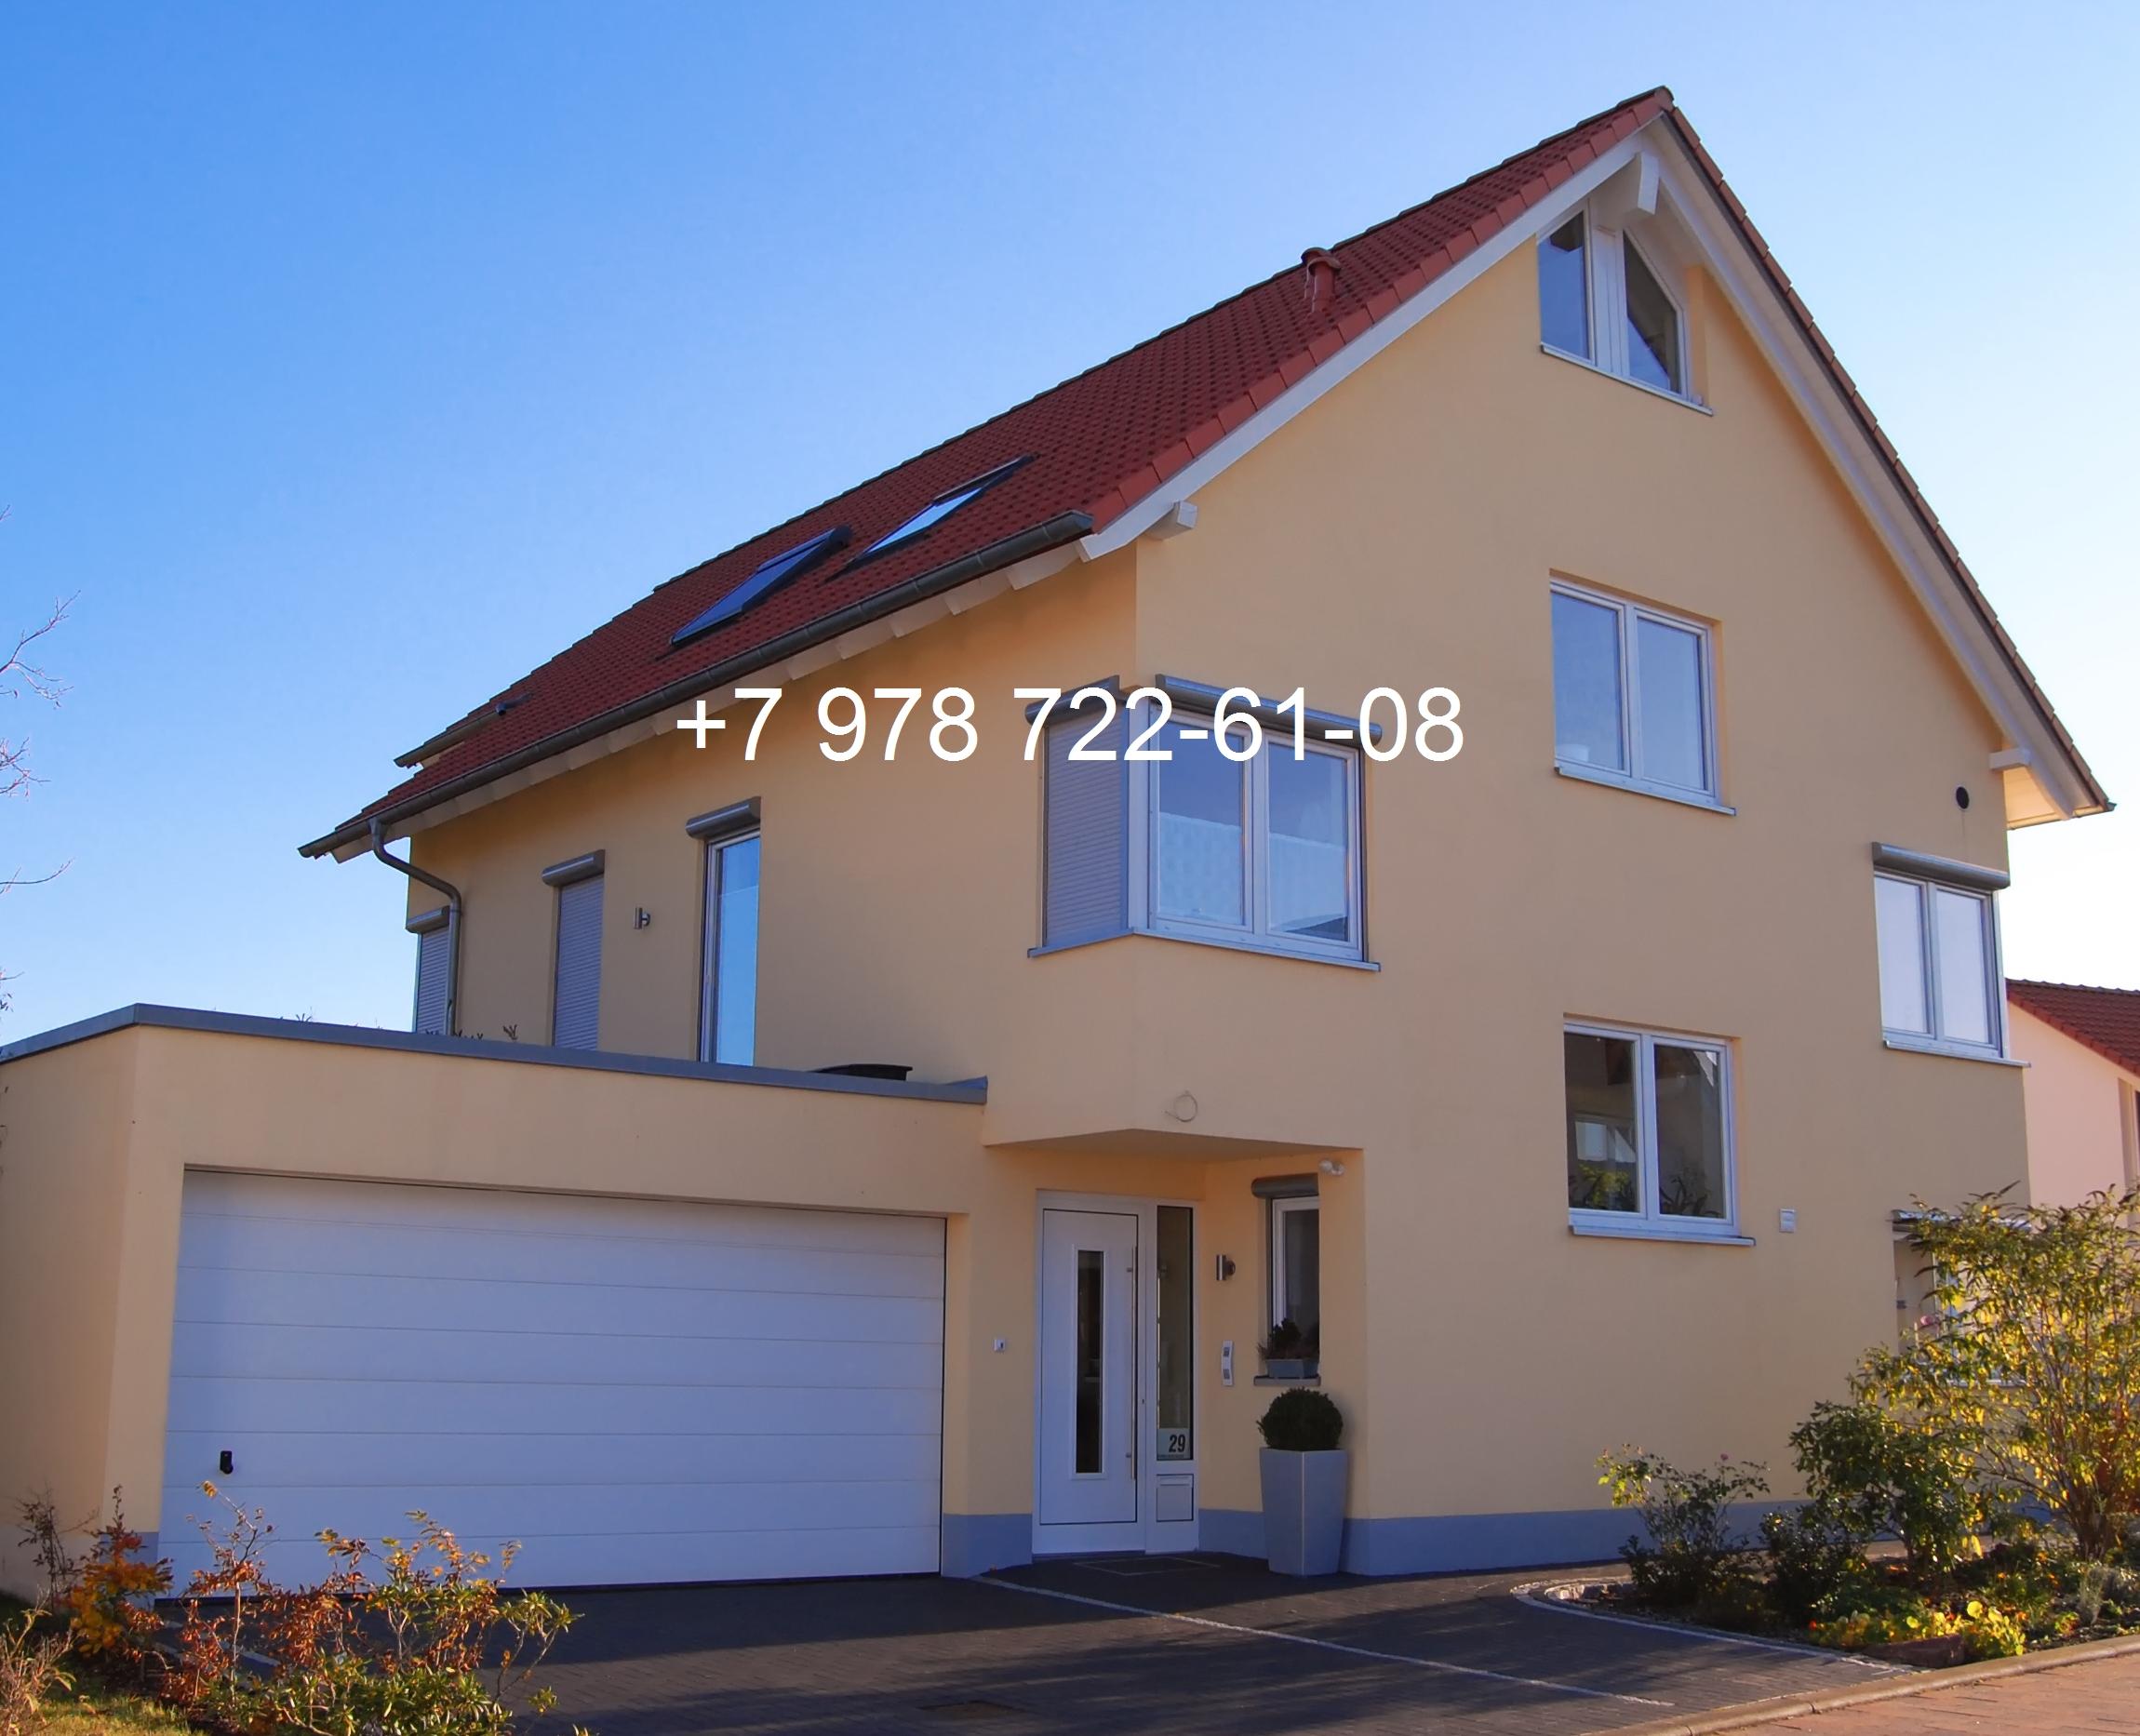 Кредит на строительство дома в крыму взять в каком банке симферополя можно взять кредит